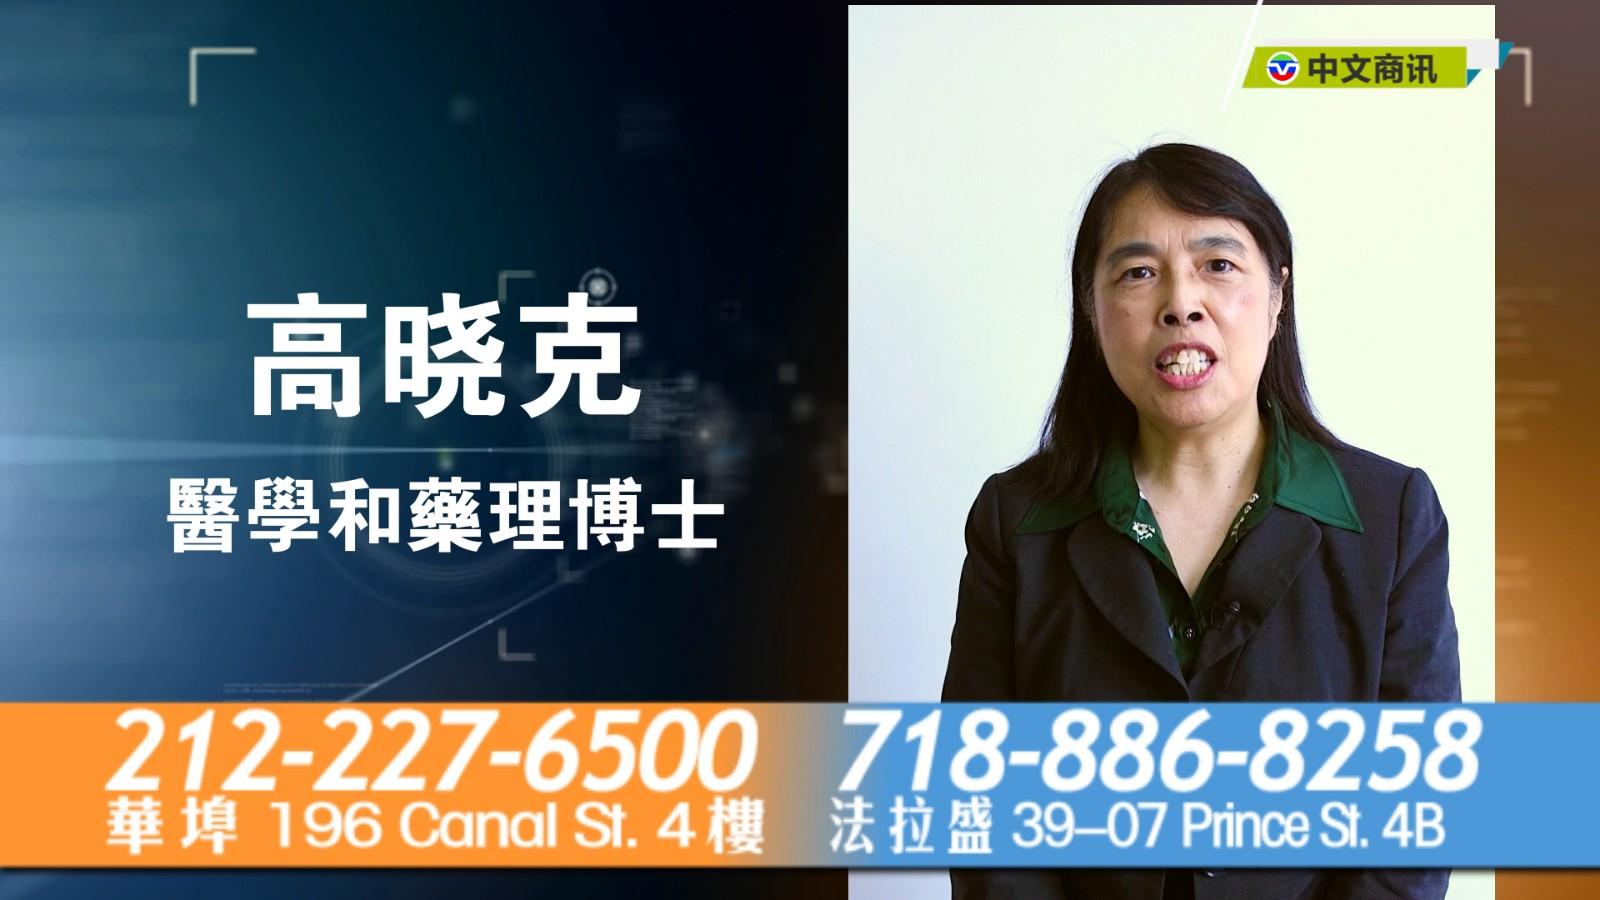 【视频】高晓克神经专科痛症中心推荐补品